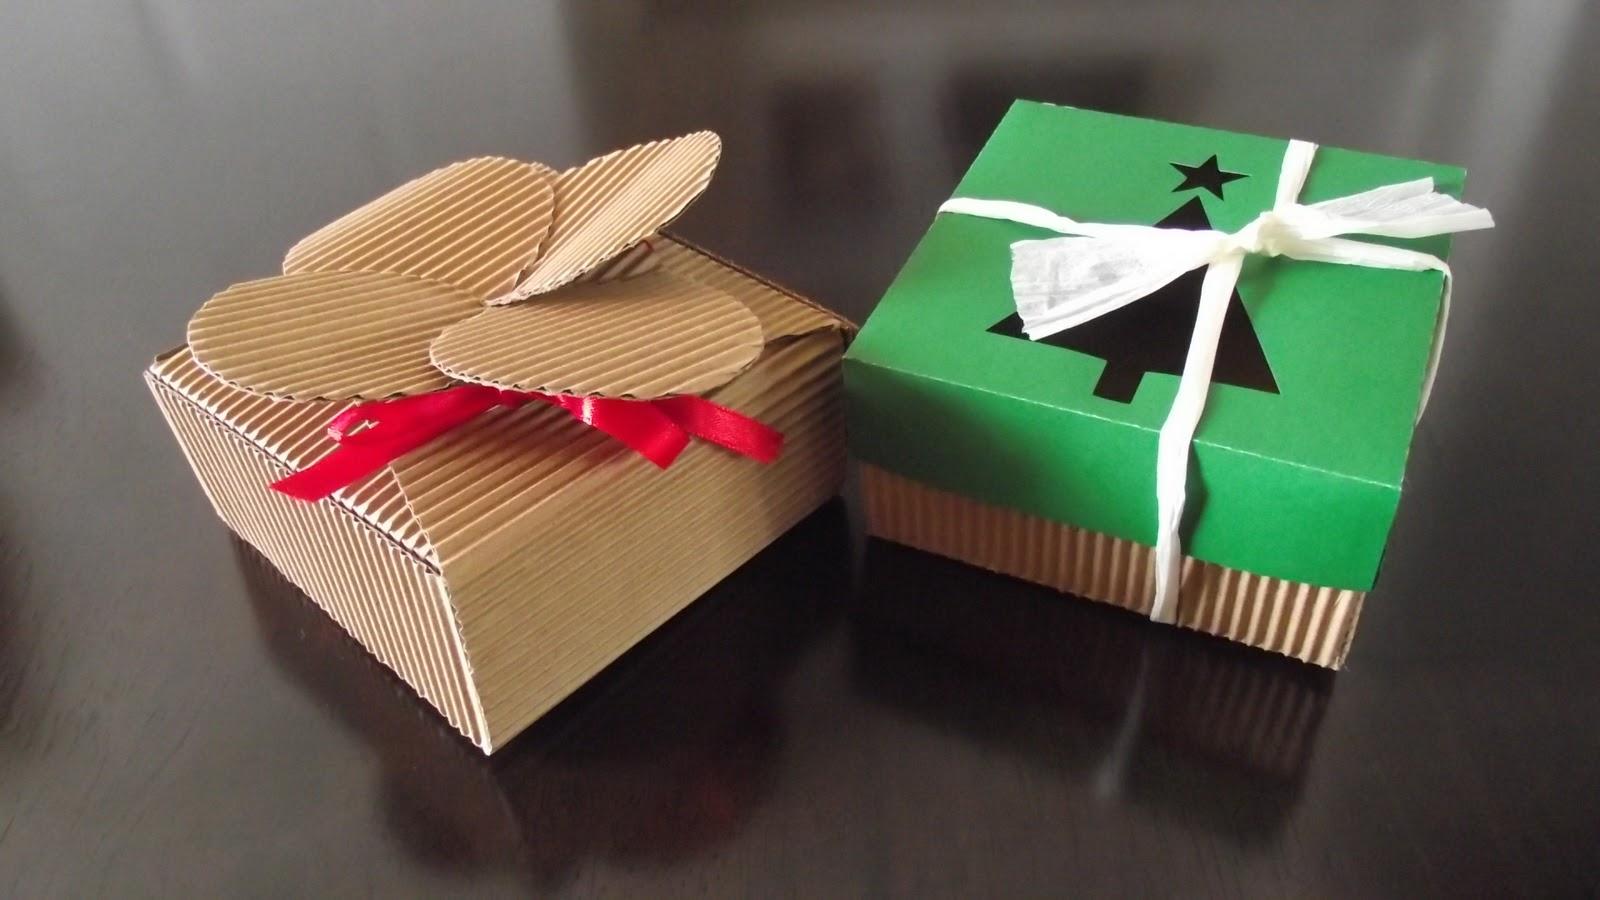 Regalos Manuales Para Navidad Diy Regalos Manuales Con Los Que - Regalos-manuales-para-navidad